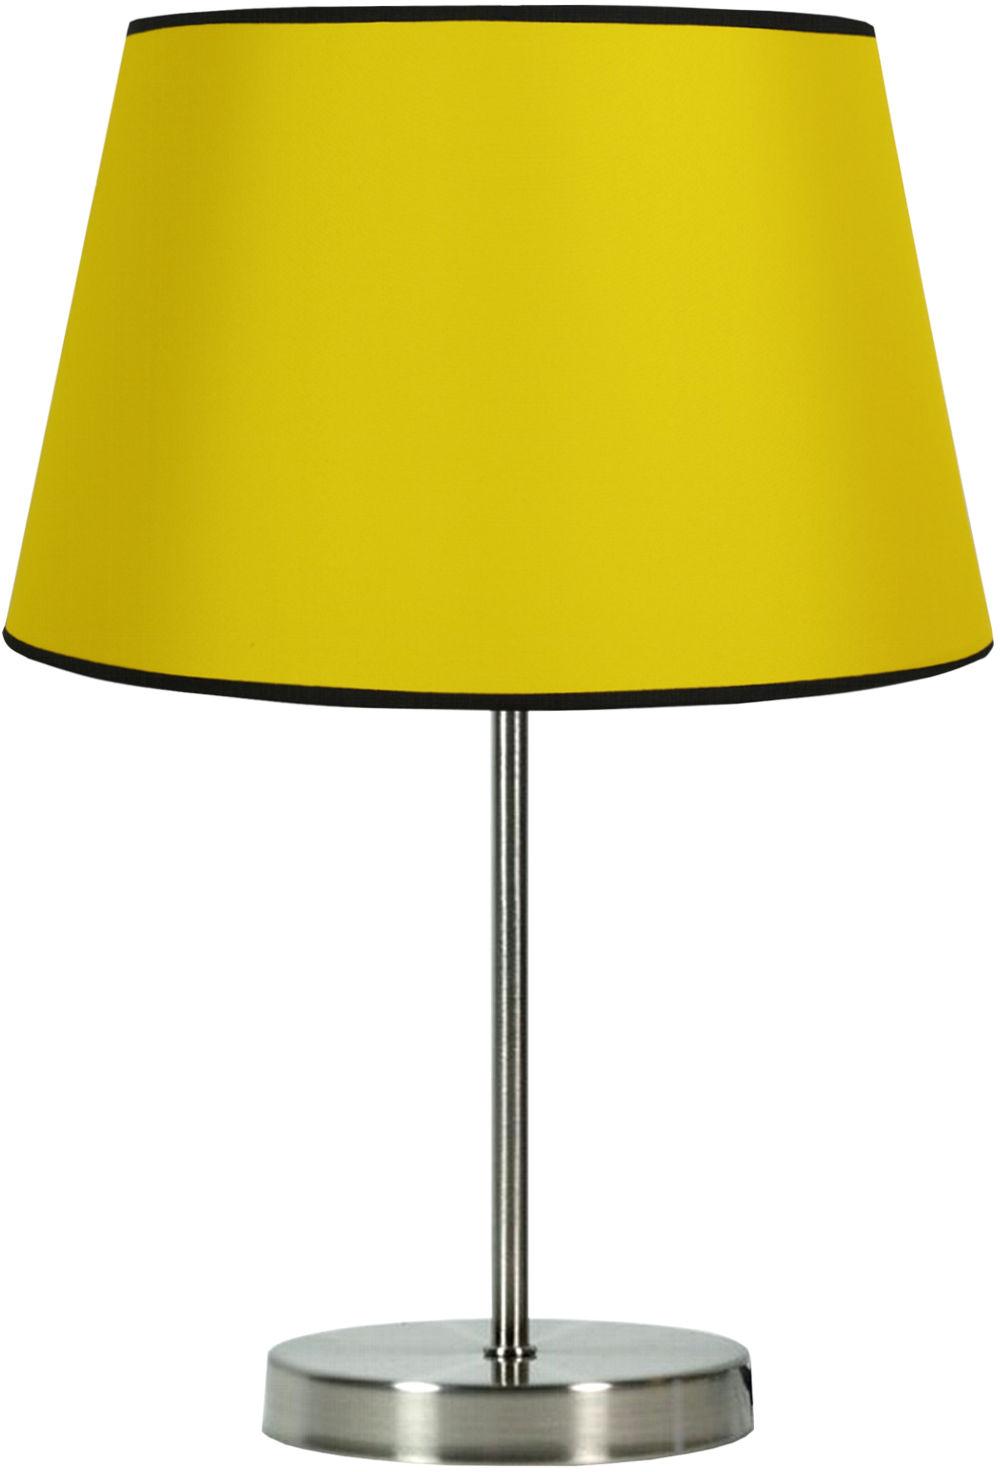 Candellux PABLO 41-34090 lampa stołowa abażur żółty 1X60W E27 25 cm